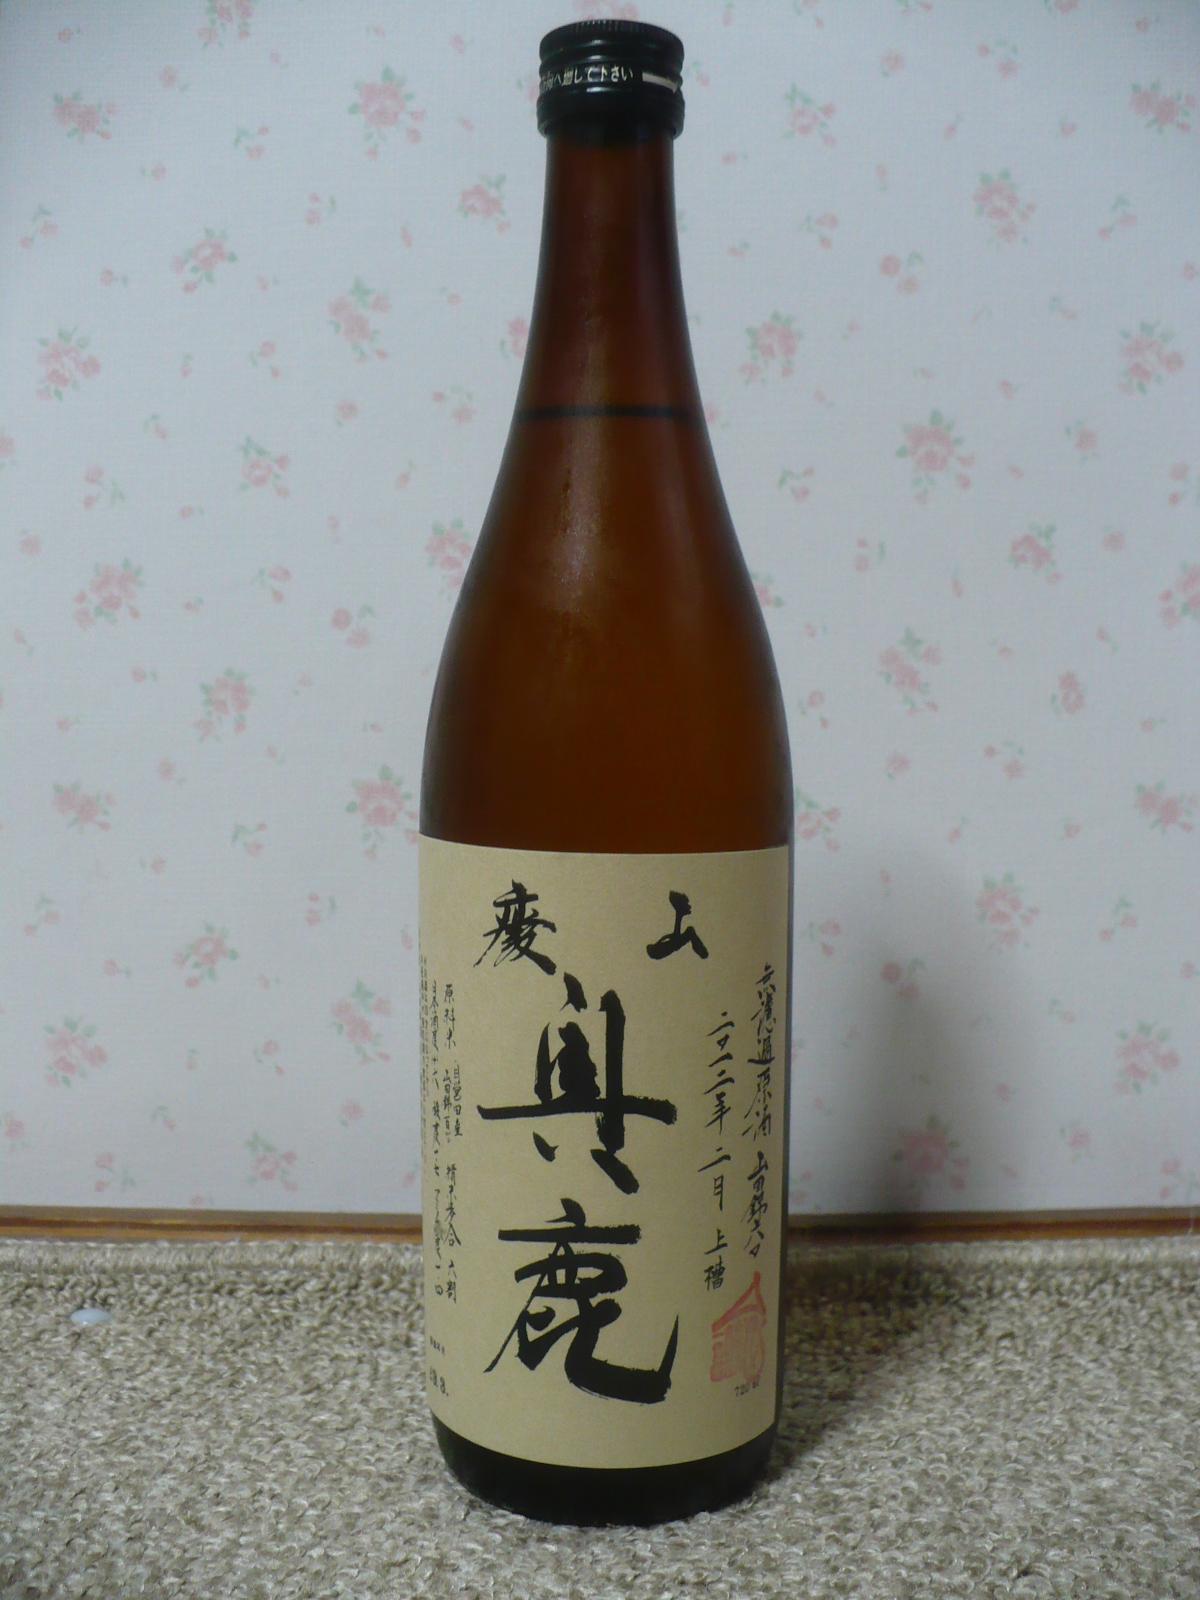 丹醸&スペペ 飲料マニアと雑學帝王!!:大阪酒・奧鹿と肴は旬 ...